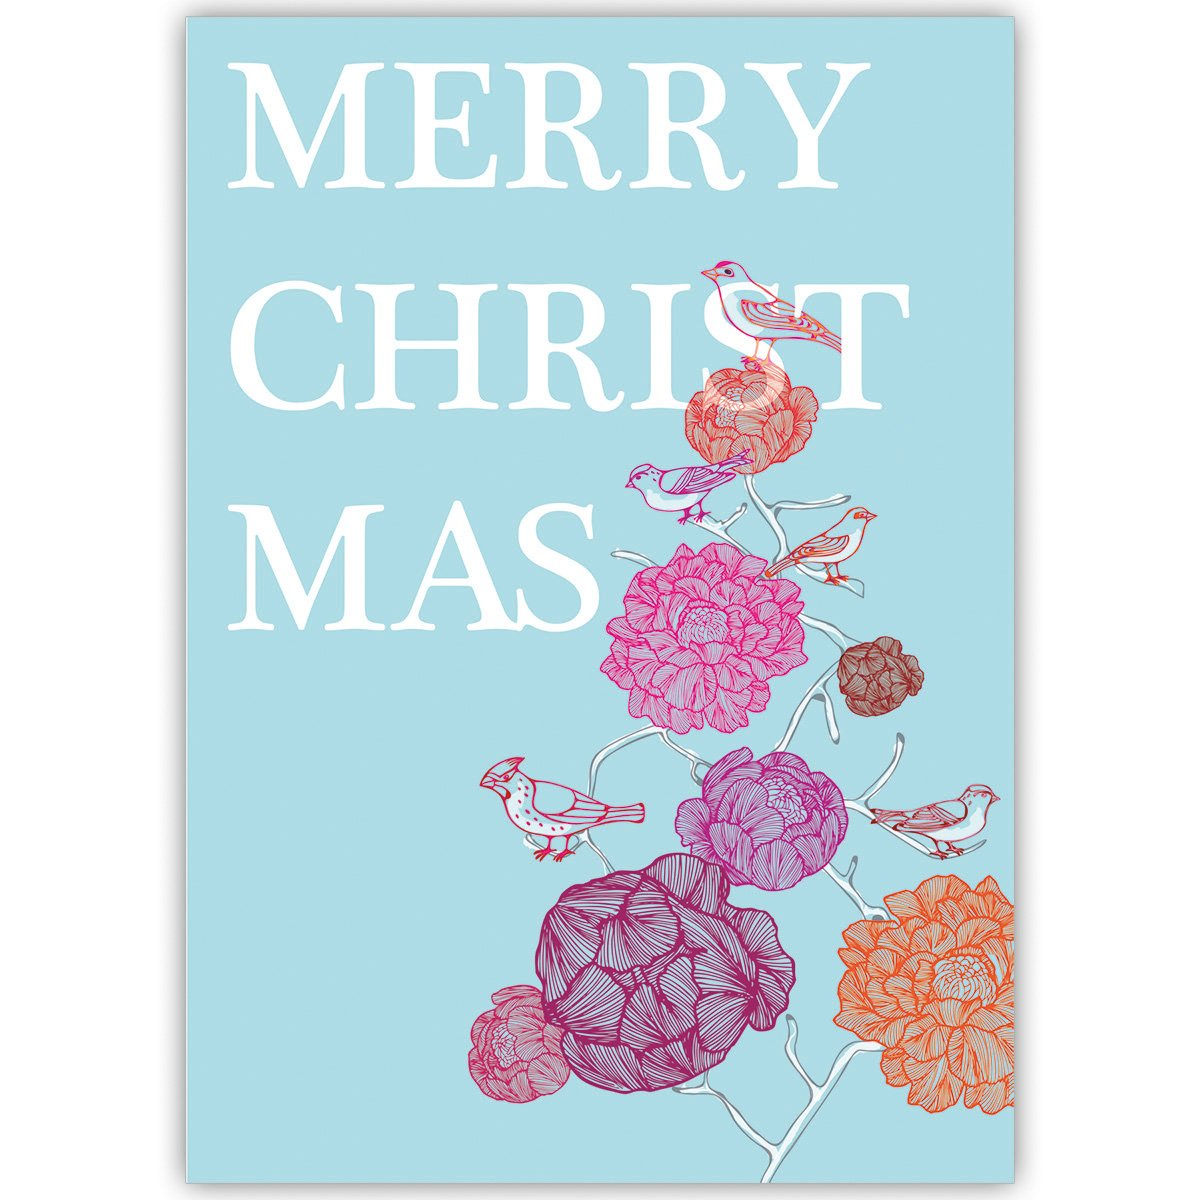 20er 20er 20er Set Schöne Unternehmen Weihnachtskarten mit Vogel Blüten Weihnachtsbaum, mit ihrem Innentext (Var3) drucken lassen, als geschäftliche Weihnachtsgrüße   Neujahrskarte   Firmen Weihnachtskarte für Kunden, Geschäftspa b22d9f